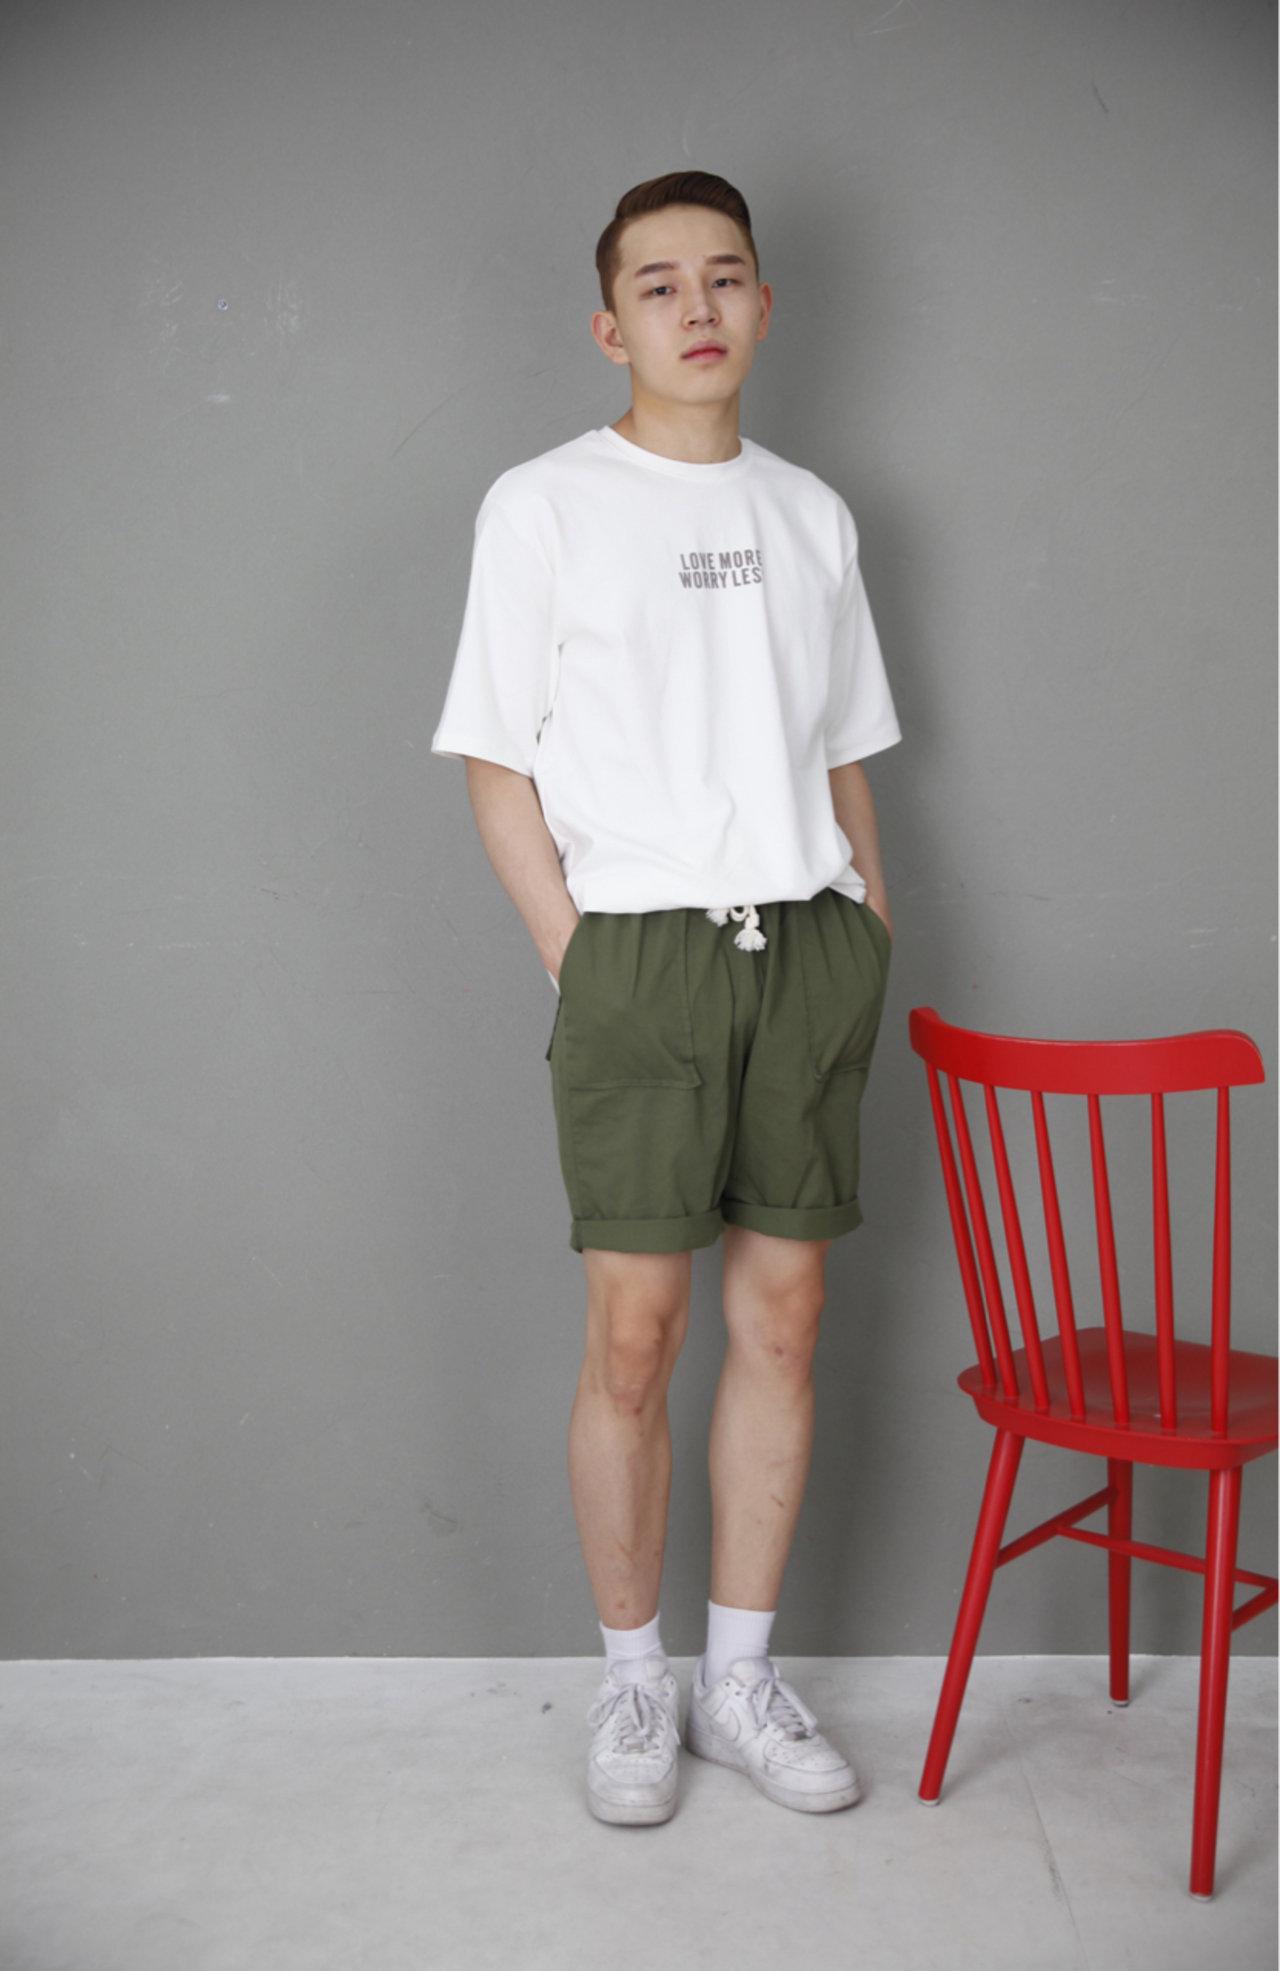 4. 短袖衣 + 短褲   這次小編真的沒騙你,是涼爽的搭配了!